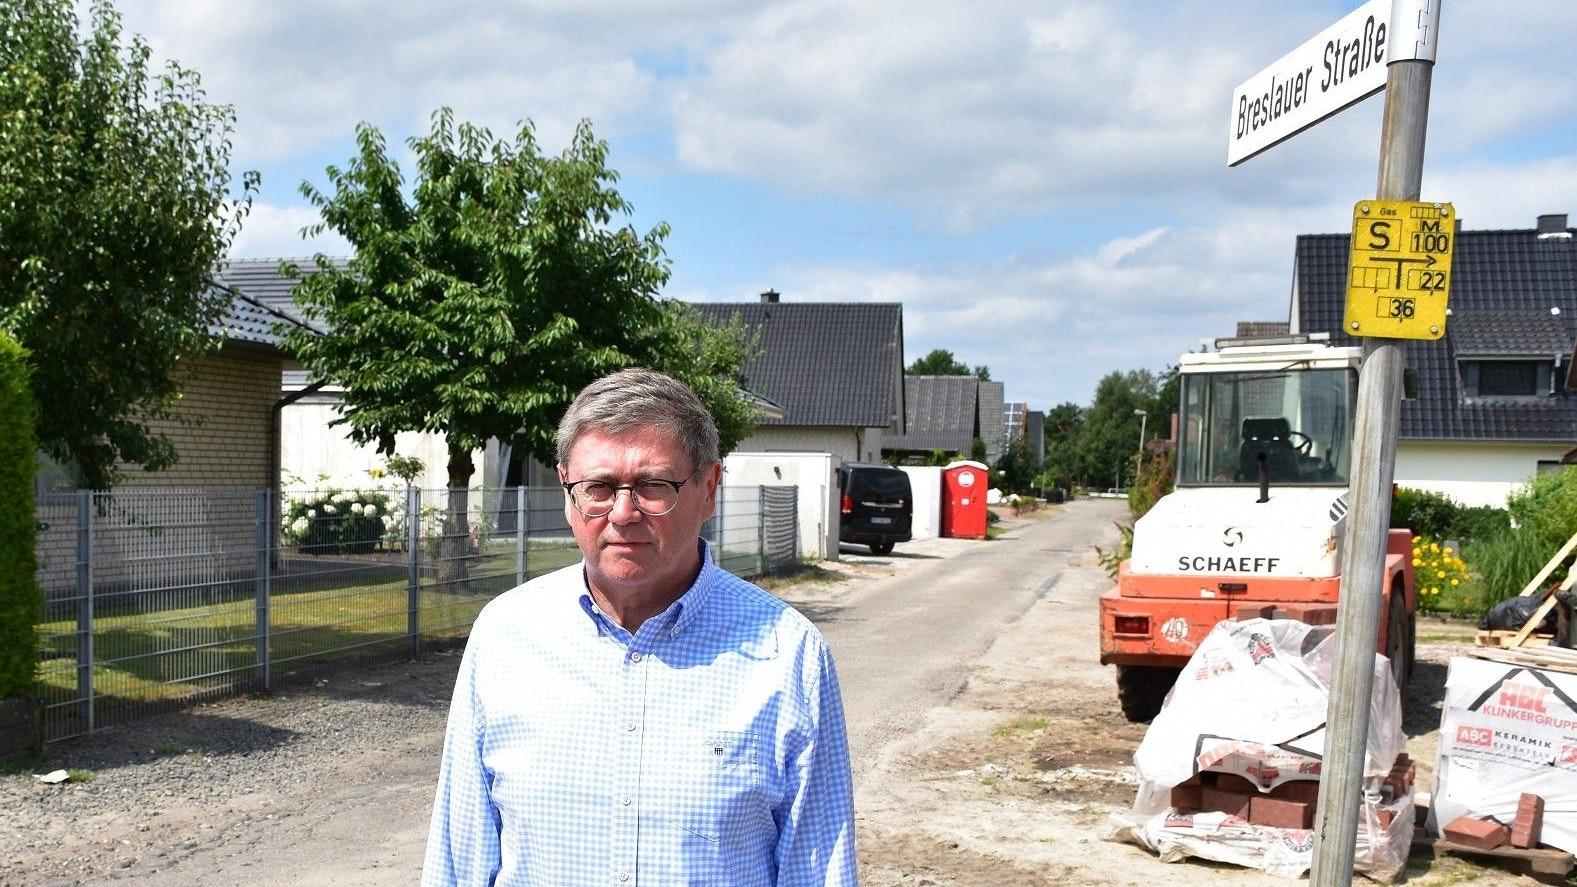 In einem katastrophalen Zustand: Die Breslauer Straße ist eine von 22 Straßen, die in der nächsten Jahren saniert werden soll, sagt Kämmerer Carl Heinz Putthoff. Foto: Böckmann